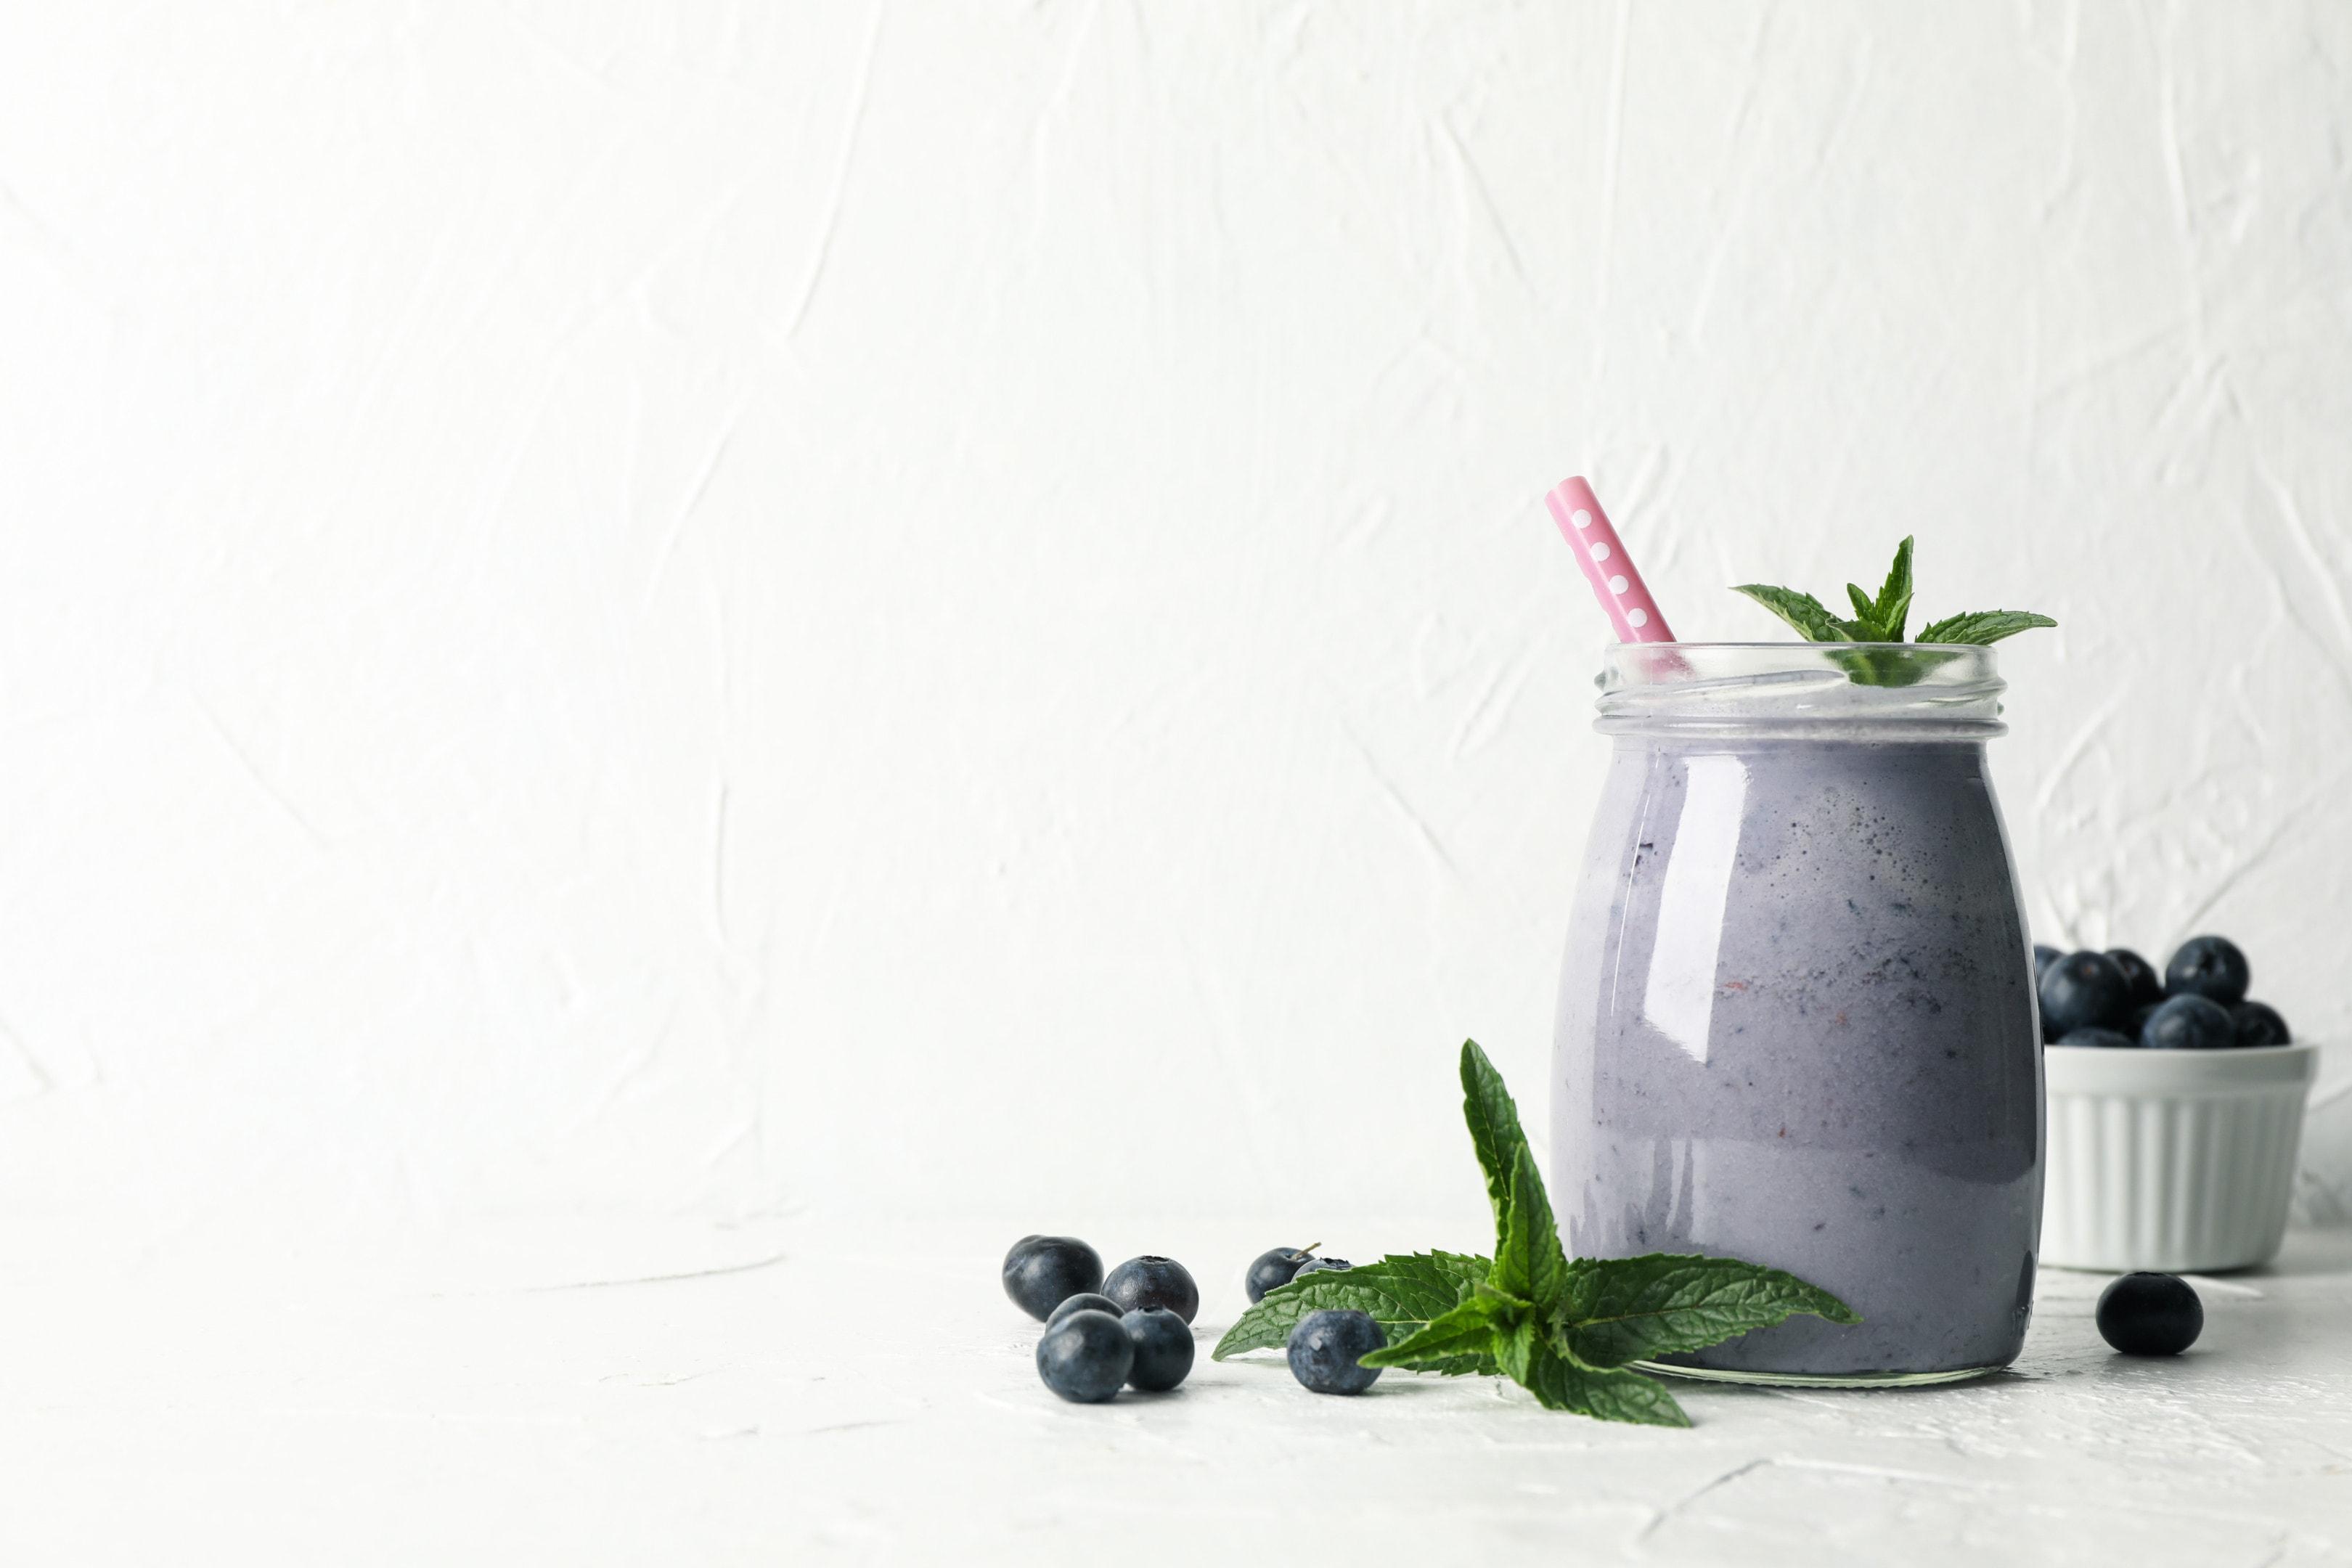 Glass of berry milkshake on white table